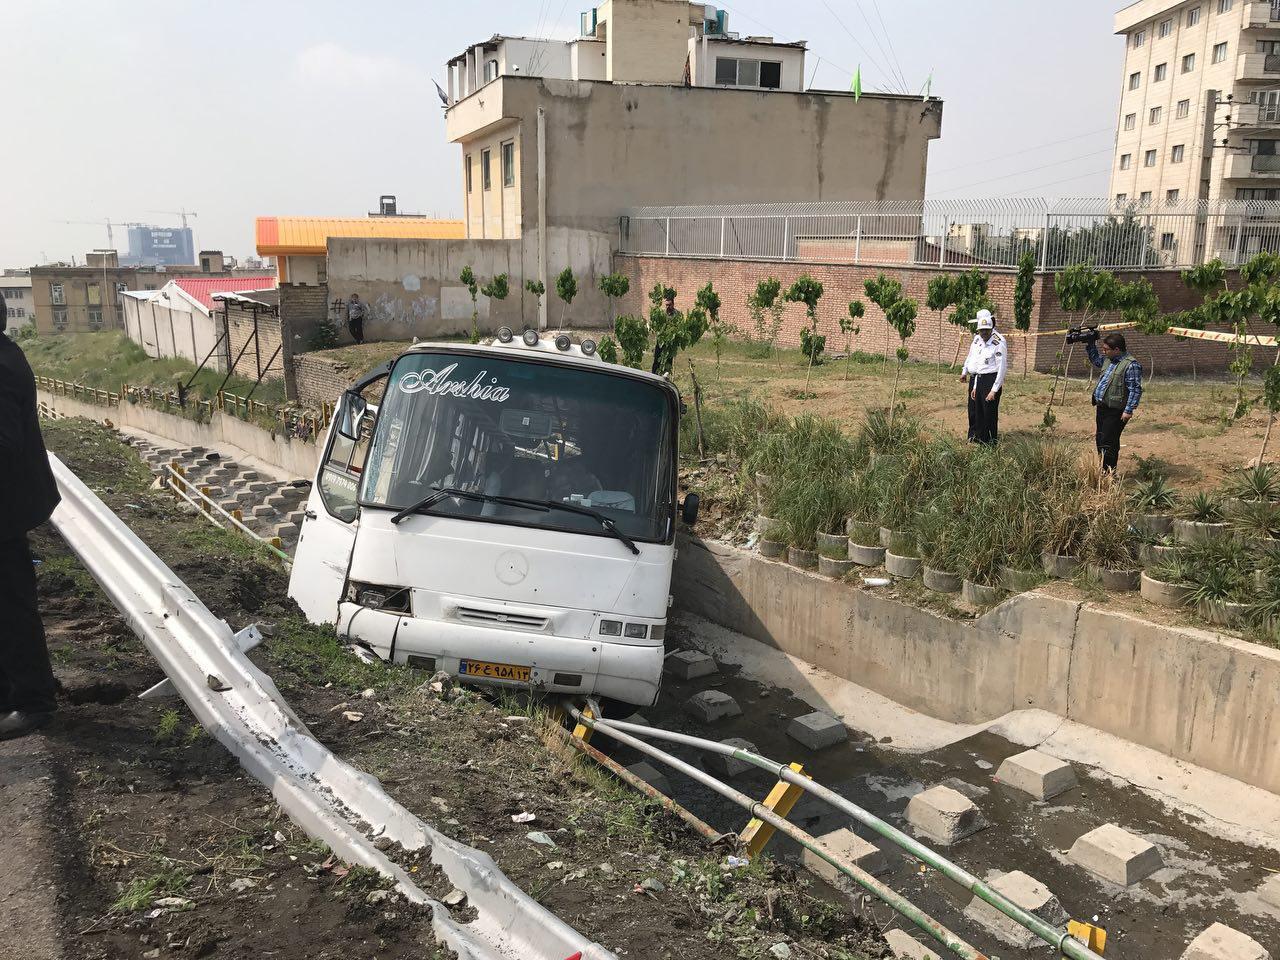 نقص فنی اتوبوس در پارک ژوراسیک حادثه آفرید